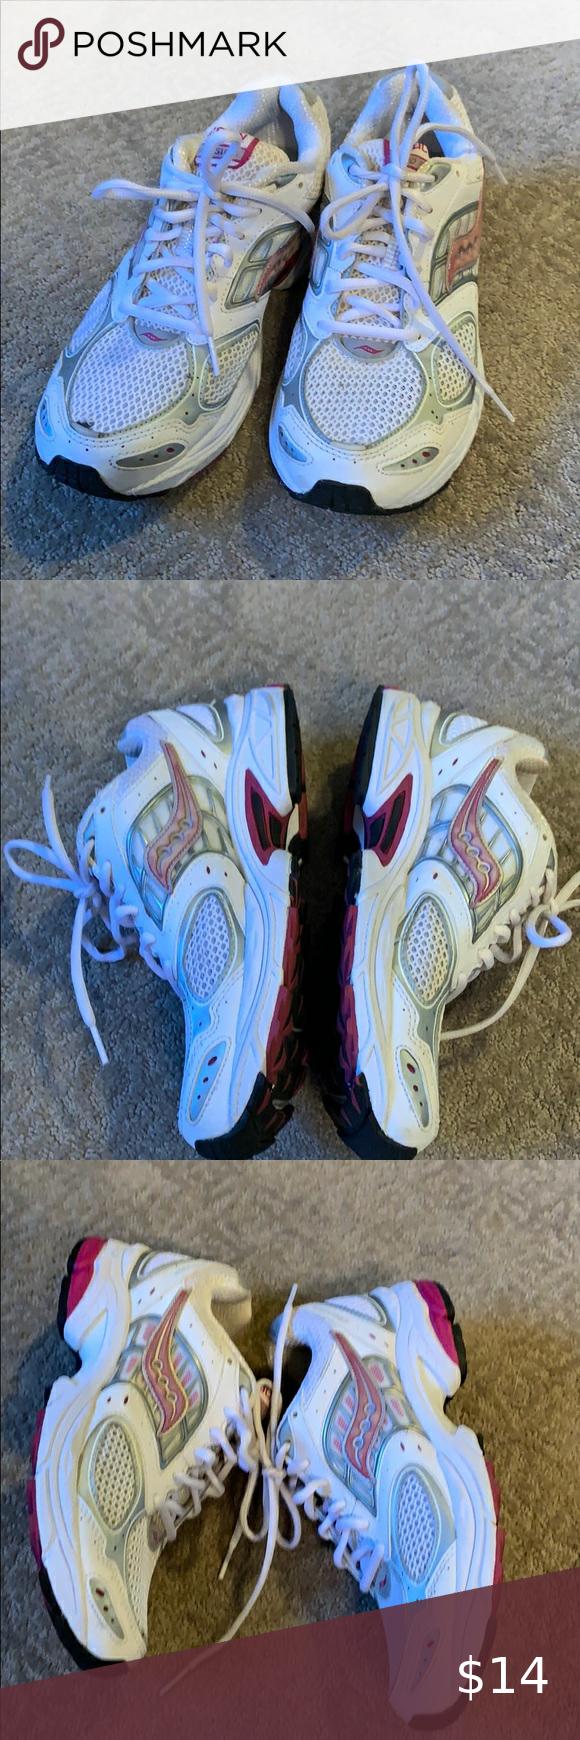 Saucony run/walk shoe. 8.5 in 2020